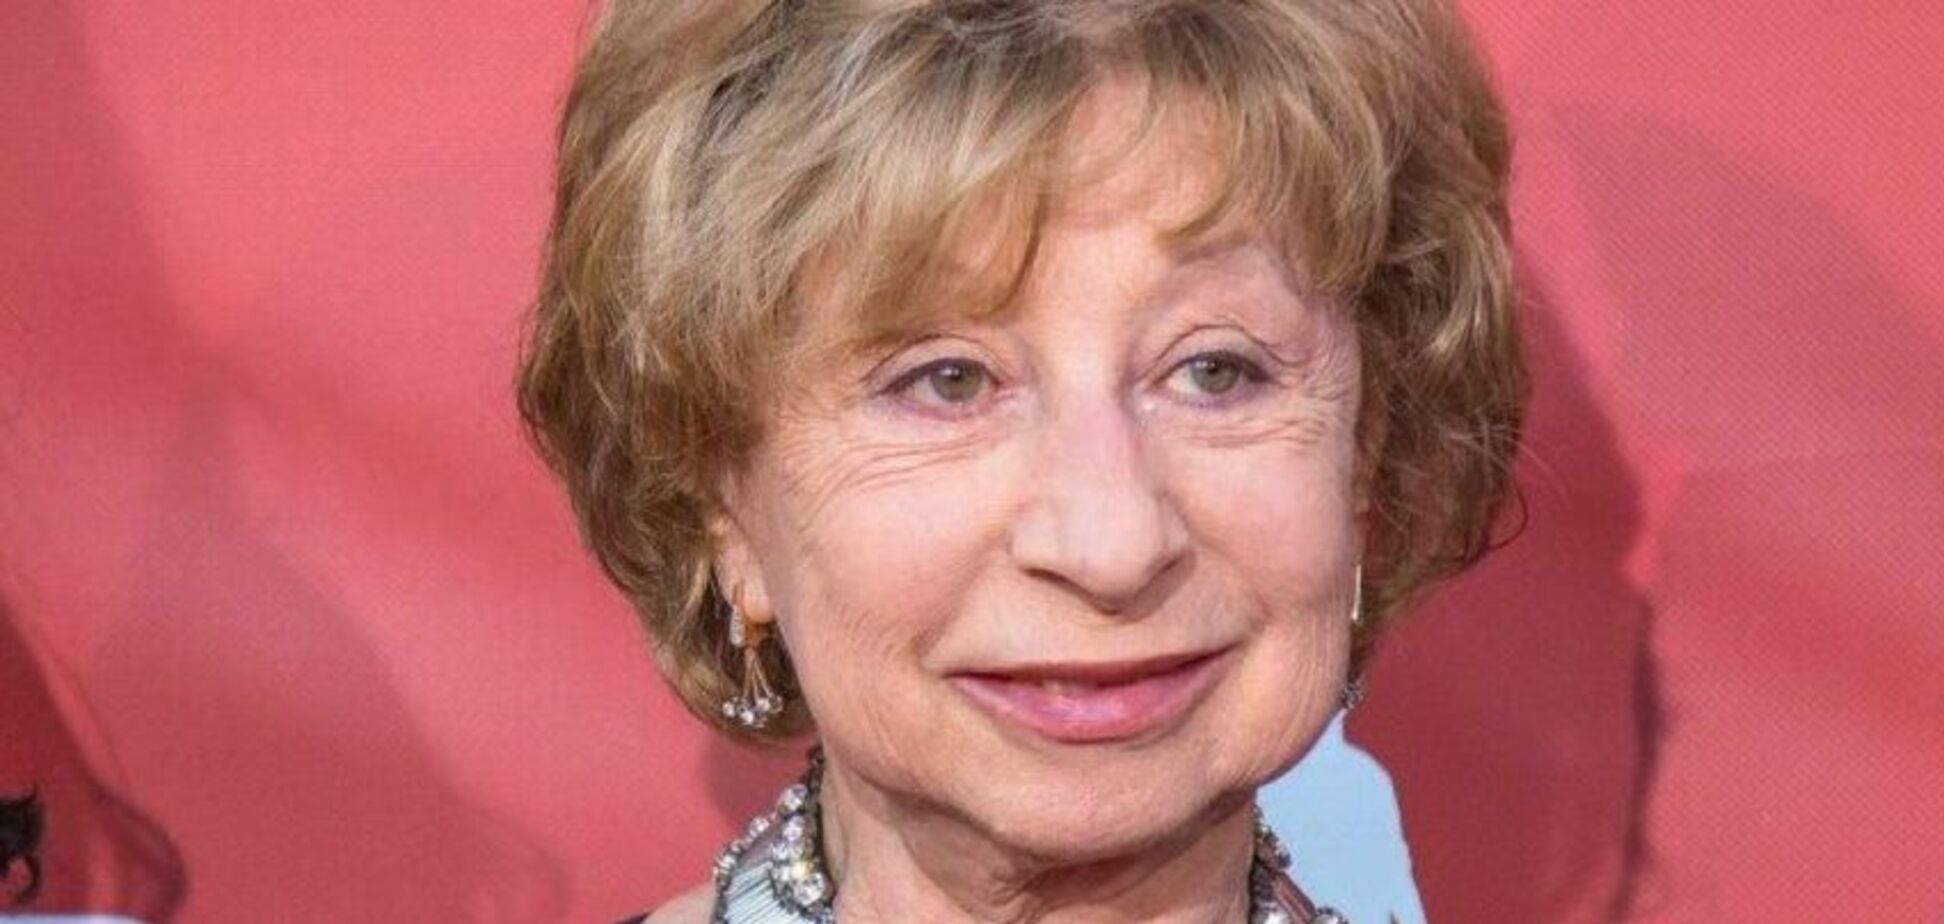 Скандал із Ахеджаковою через Путіна: як акторка бореться з Кремлем і захищає Україну